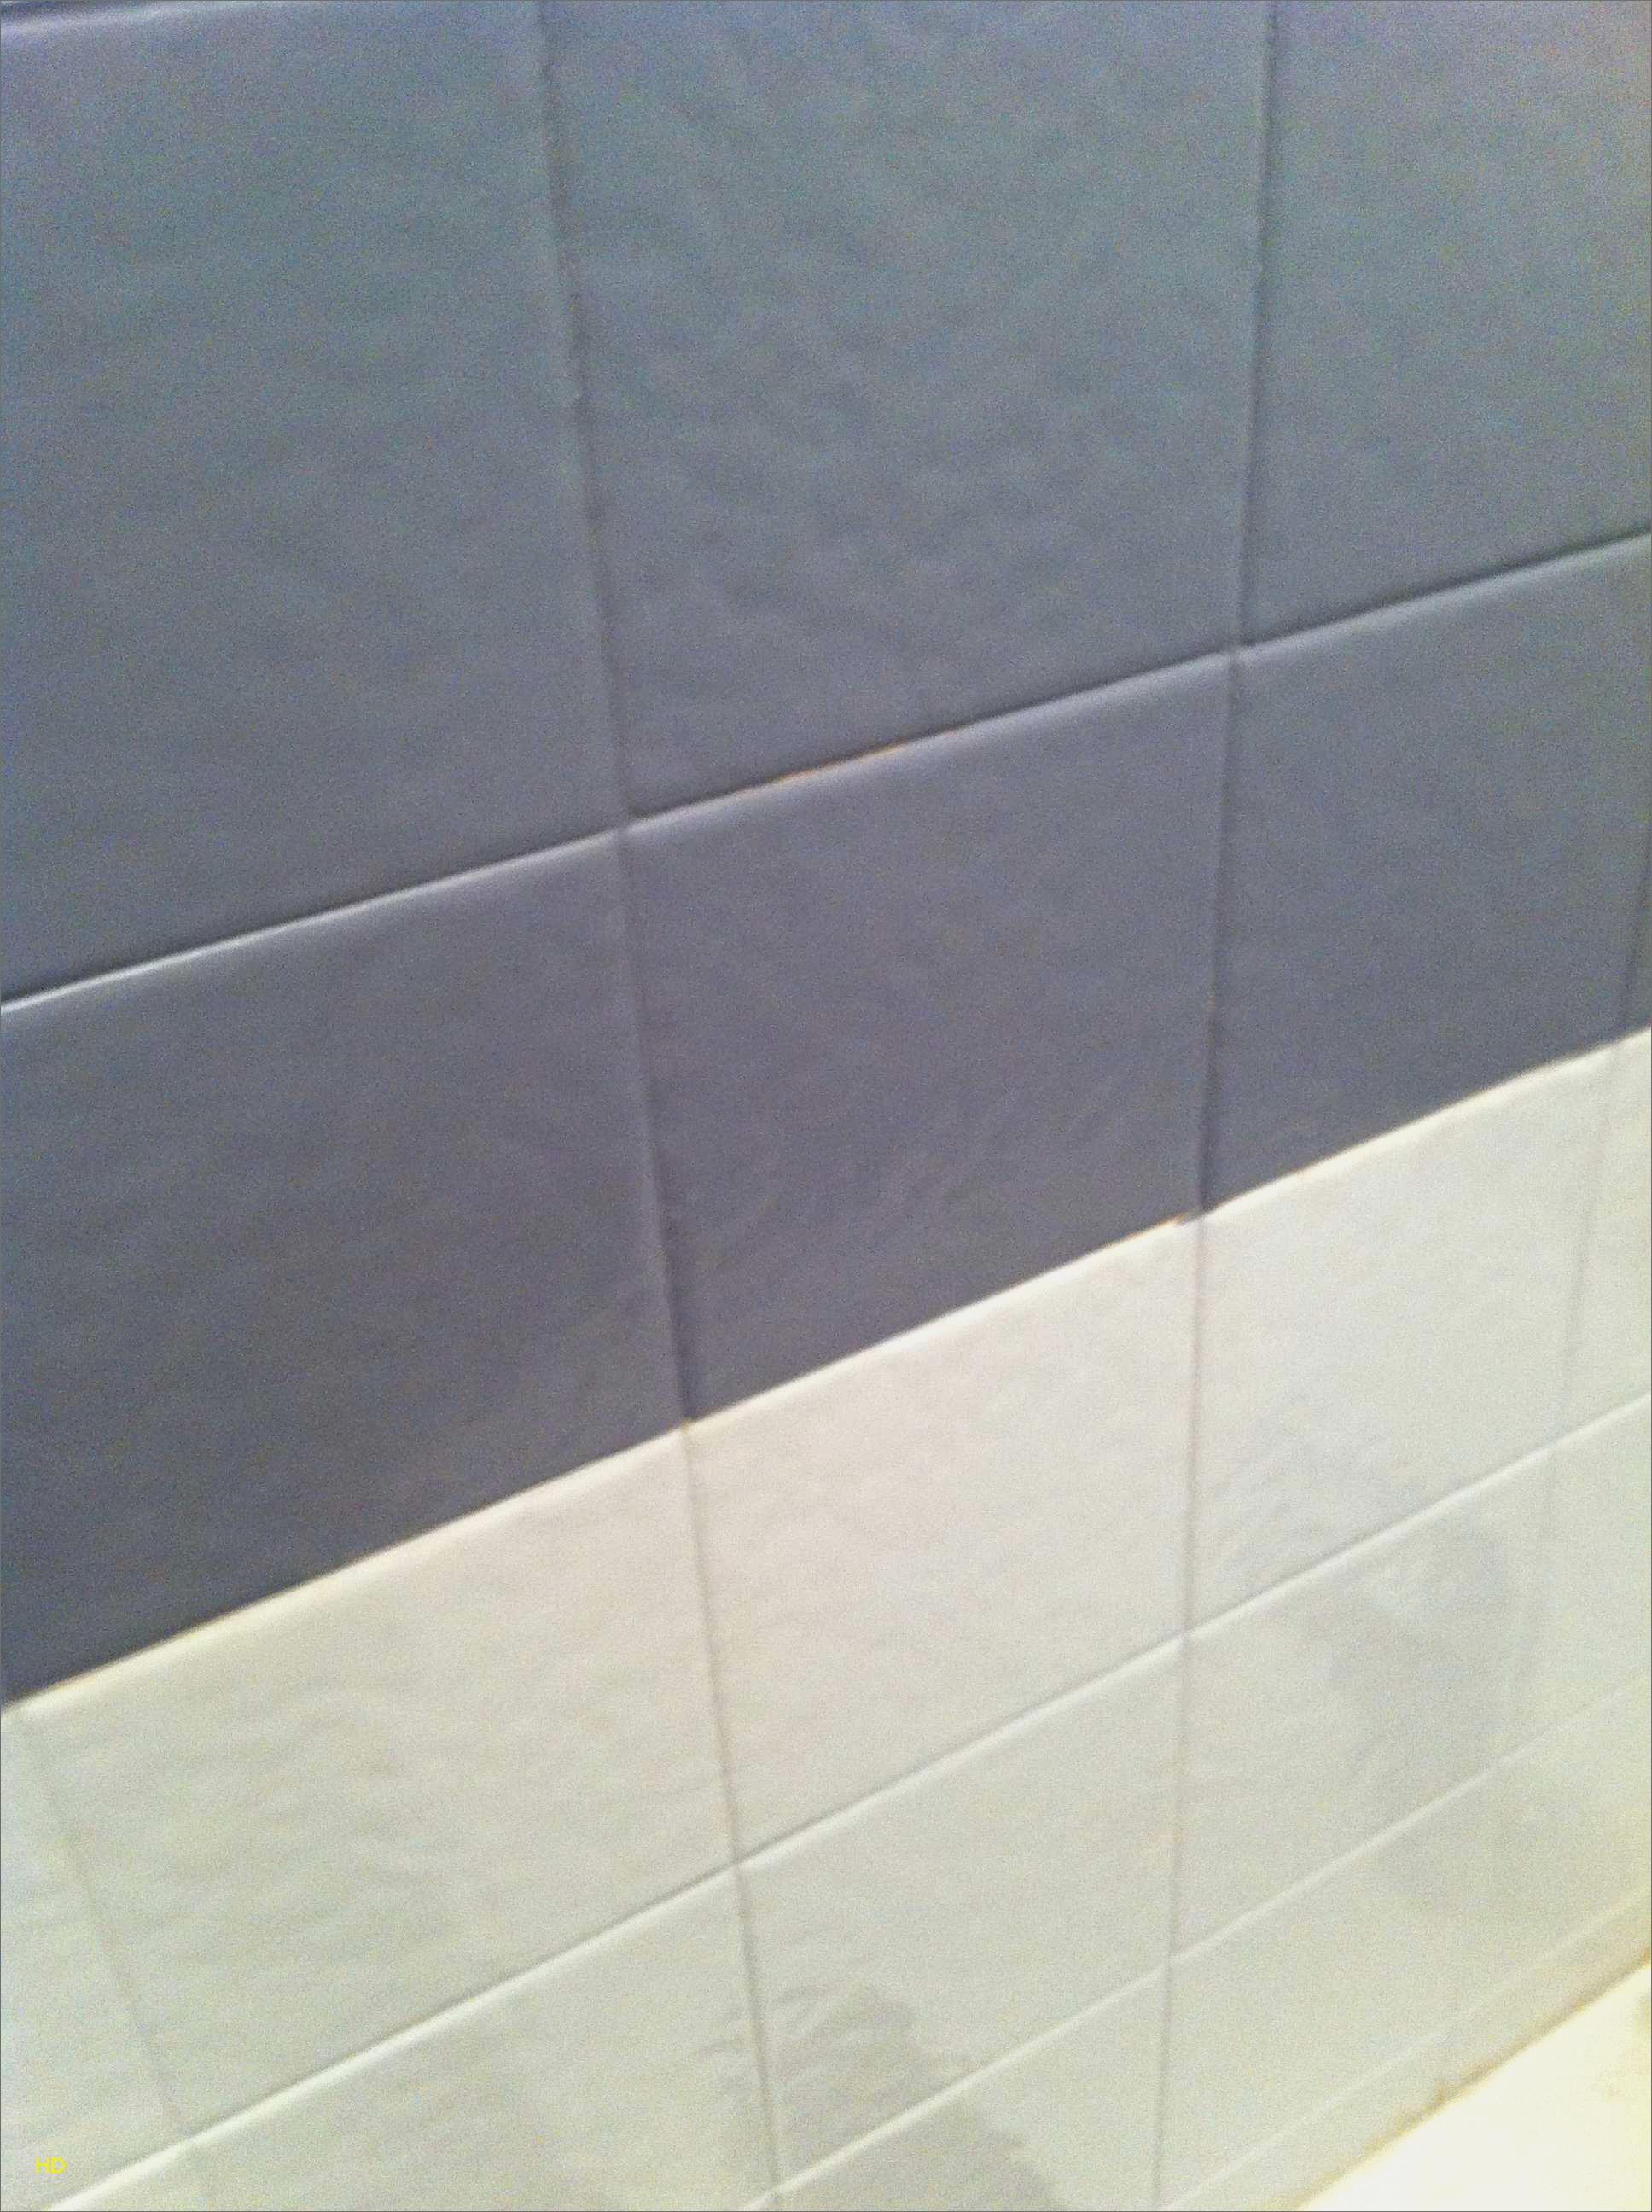 Peinture carrelage douche resinence - Idées de travaux